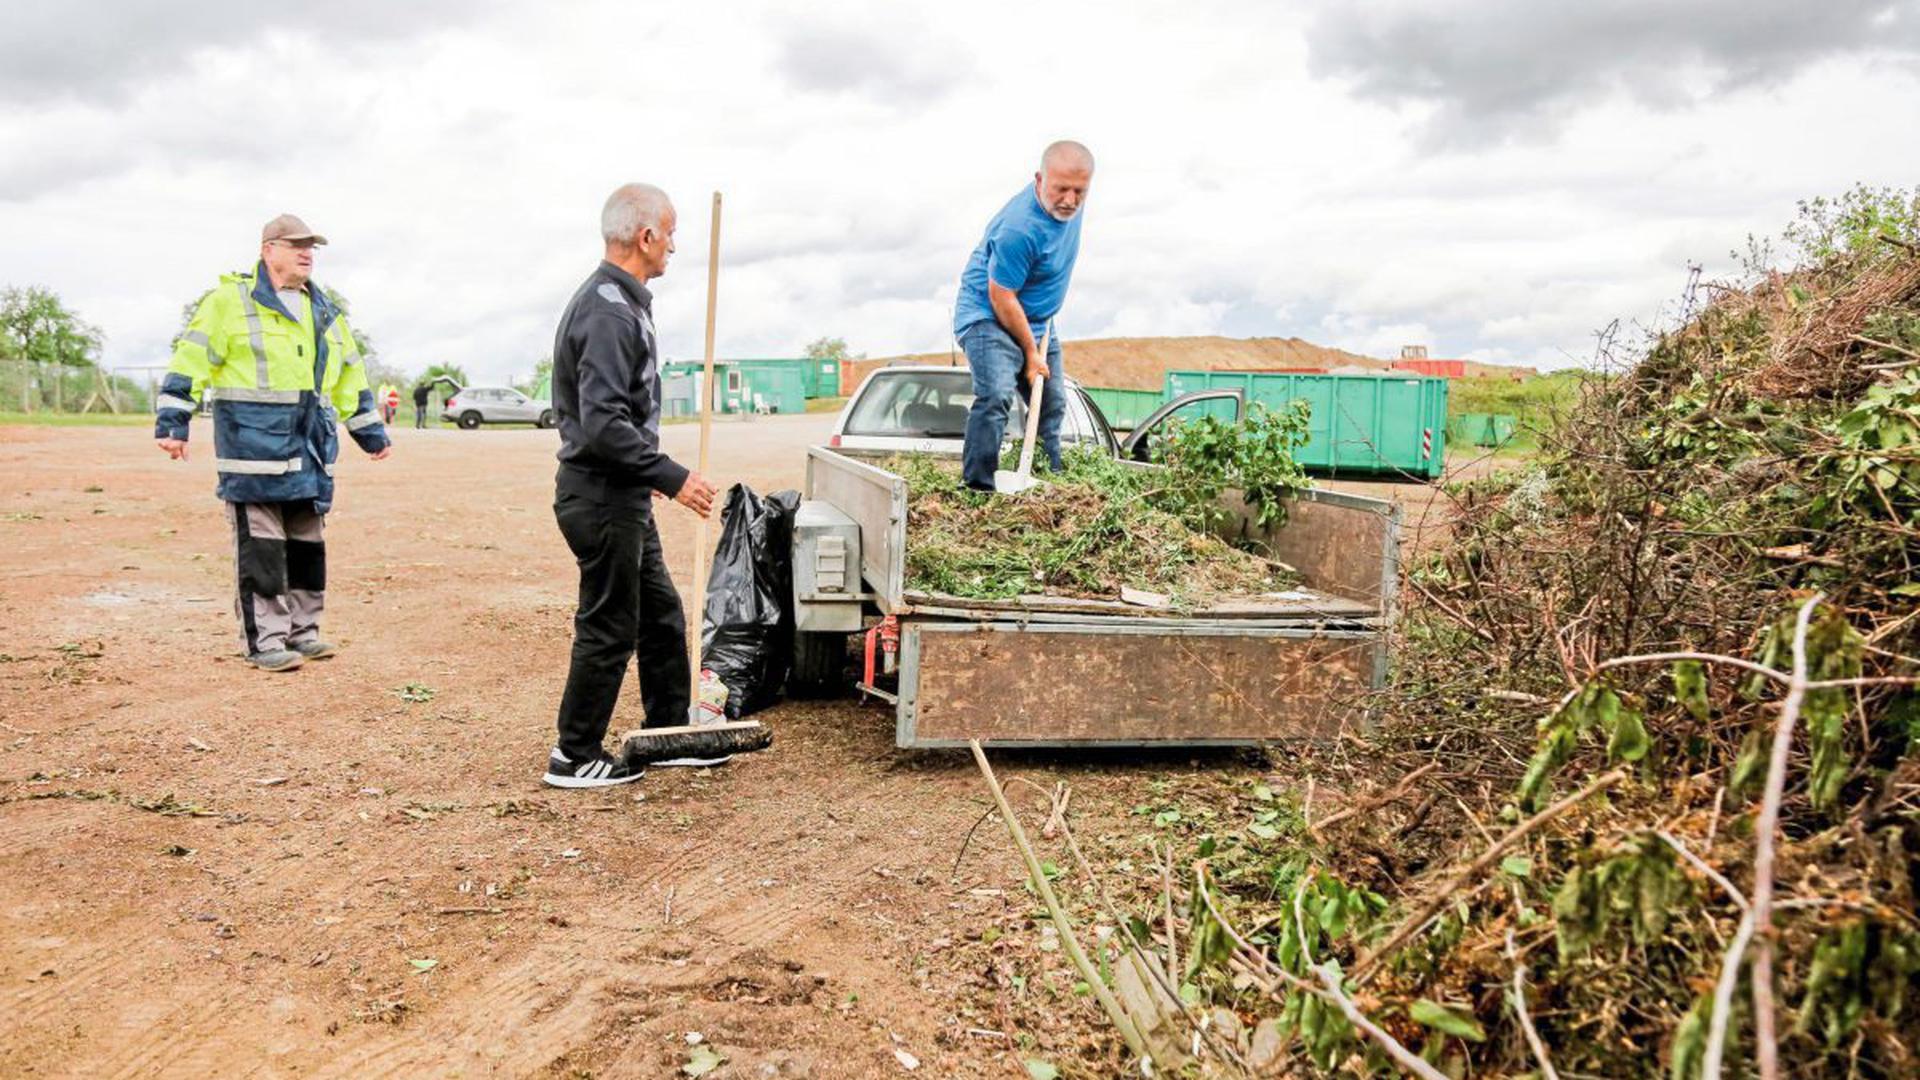 Rückwärts einparken und abladen: Auch auf der Flehinger Grüngutdeponie nutzen viele Kleingärtner die Gelegenheit, Rasen- und Strauchschnitt loszuwerden.